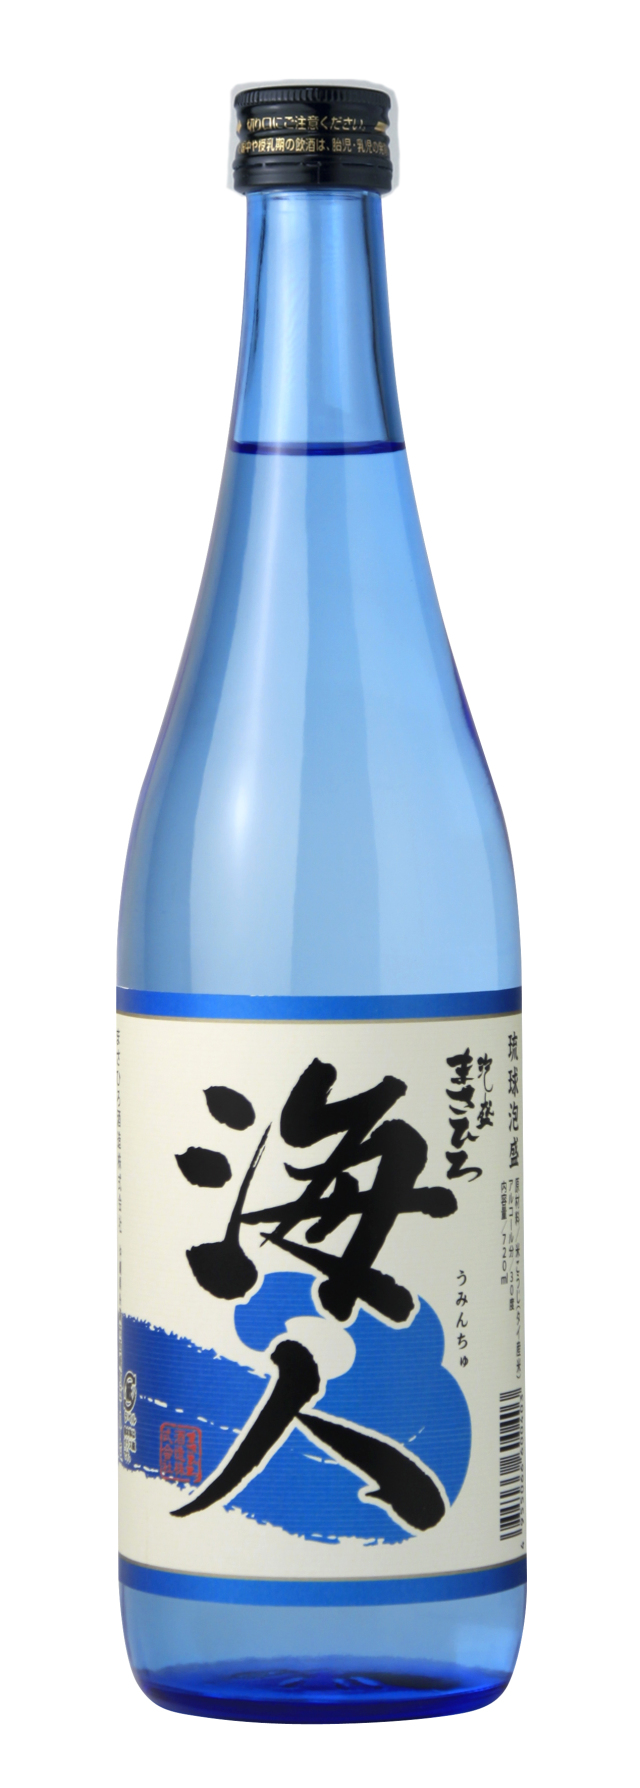 琉球泡盛「海人」 30度 720ml